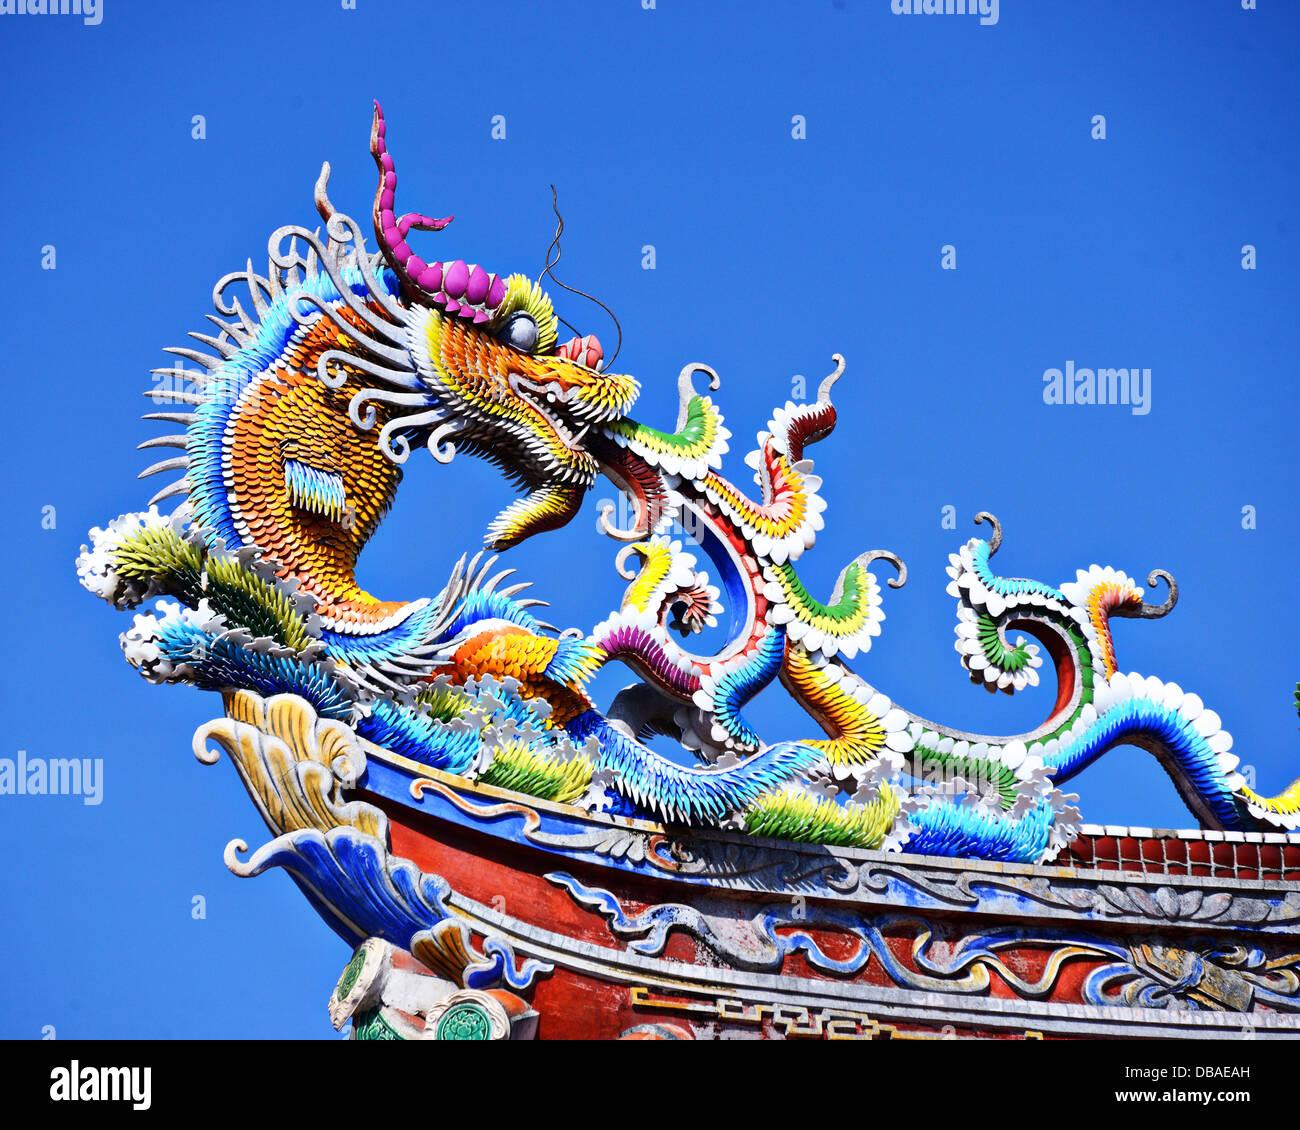 Ornamentado templo chino detalle en el cielo. Imagen De Stock